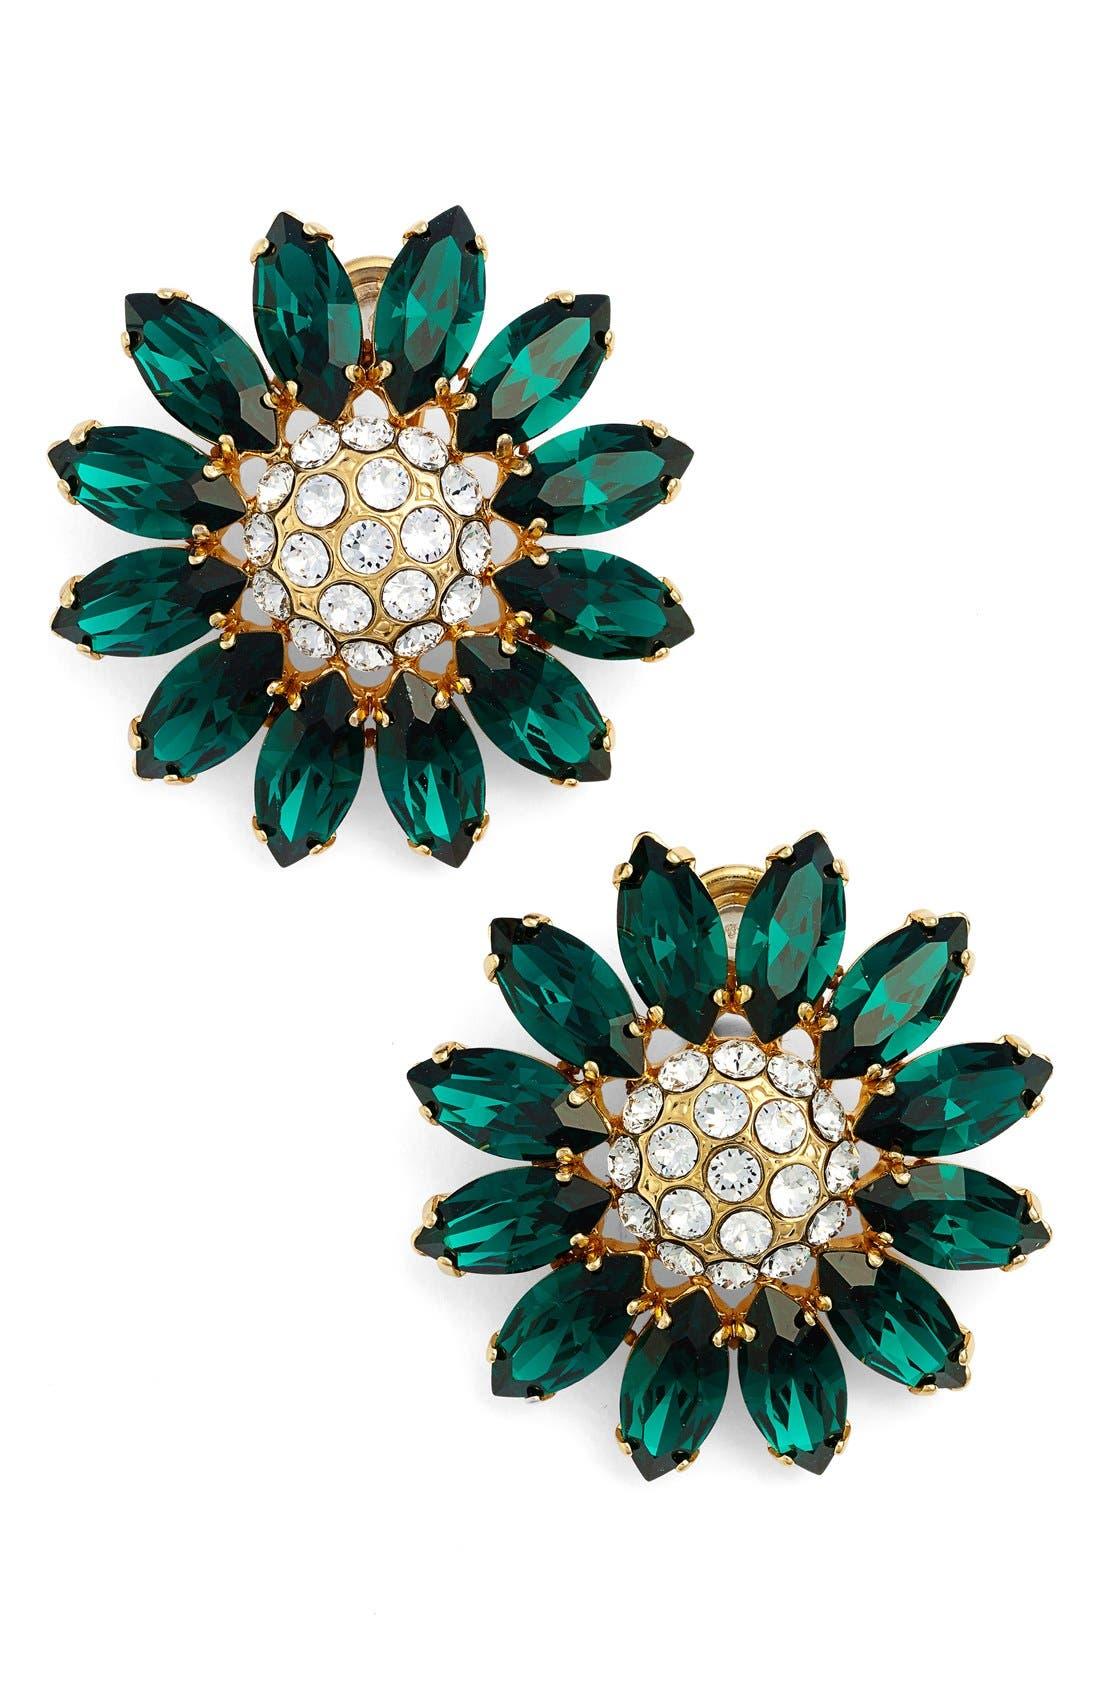 Alternate Image 1 Selected - Miu Miu 'Rebels' Crystal Floral Stud Earrings